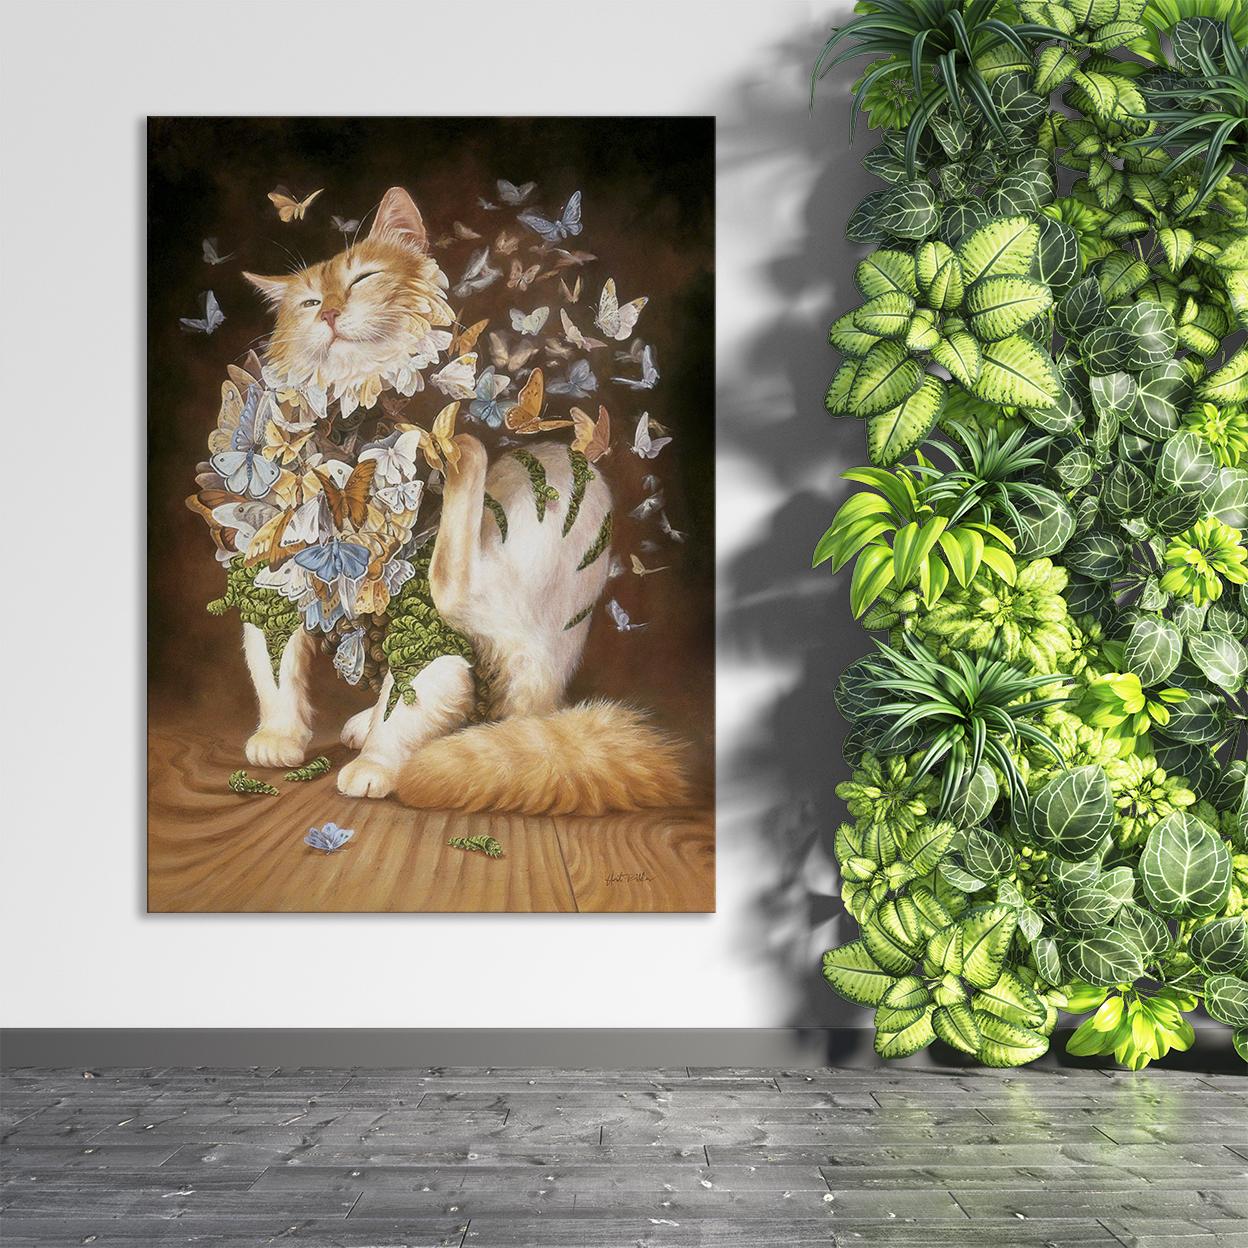 slike na platnu umetnicka dela replike